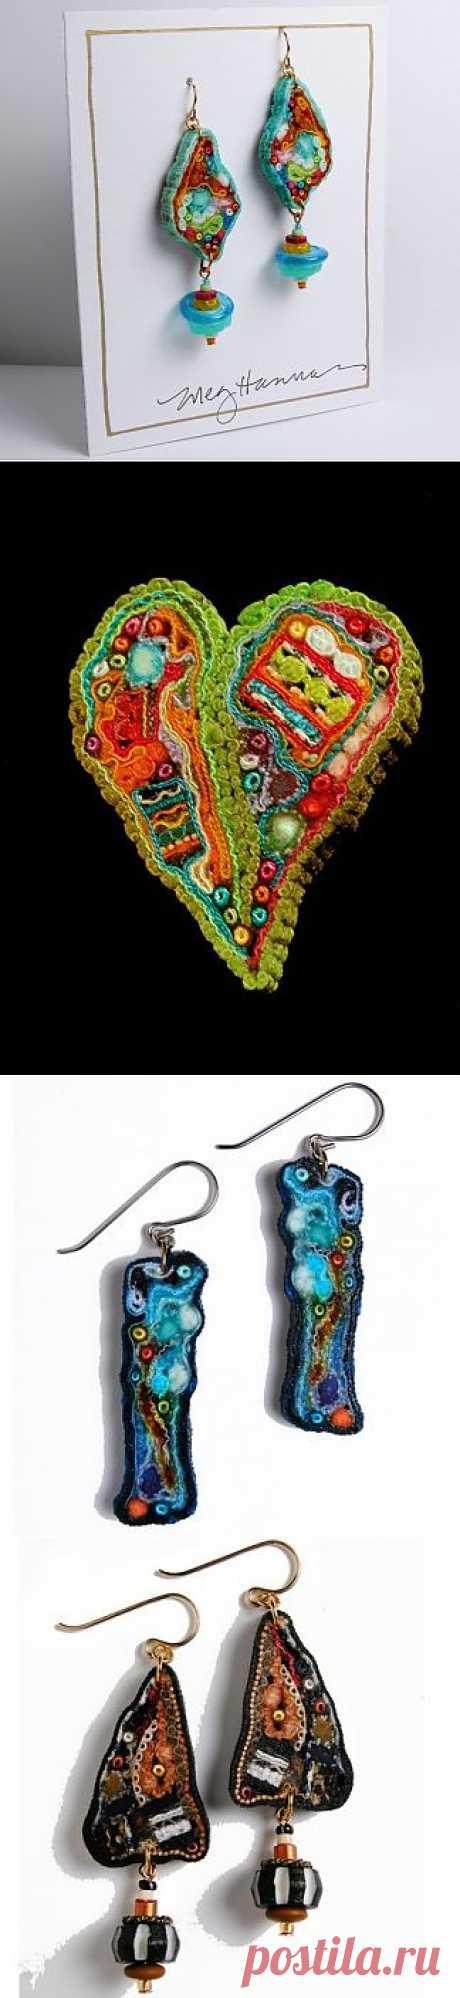 Уникальные украшения из ткани Мэг Ханнан / Украшения и бижутерия / Модный сайт о стильной переделке одежды и интерьера